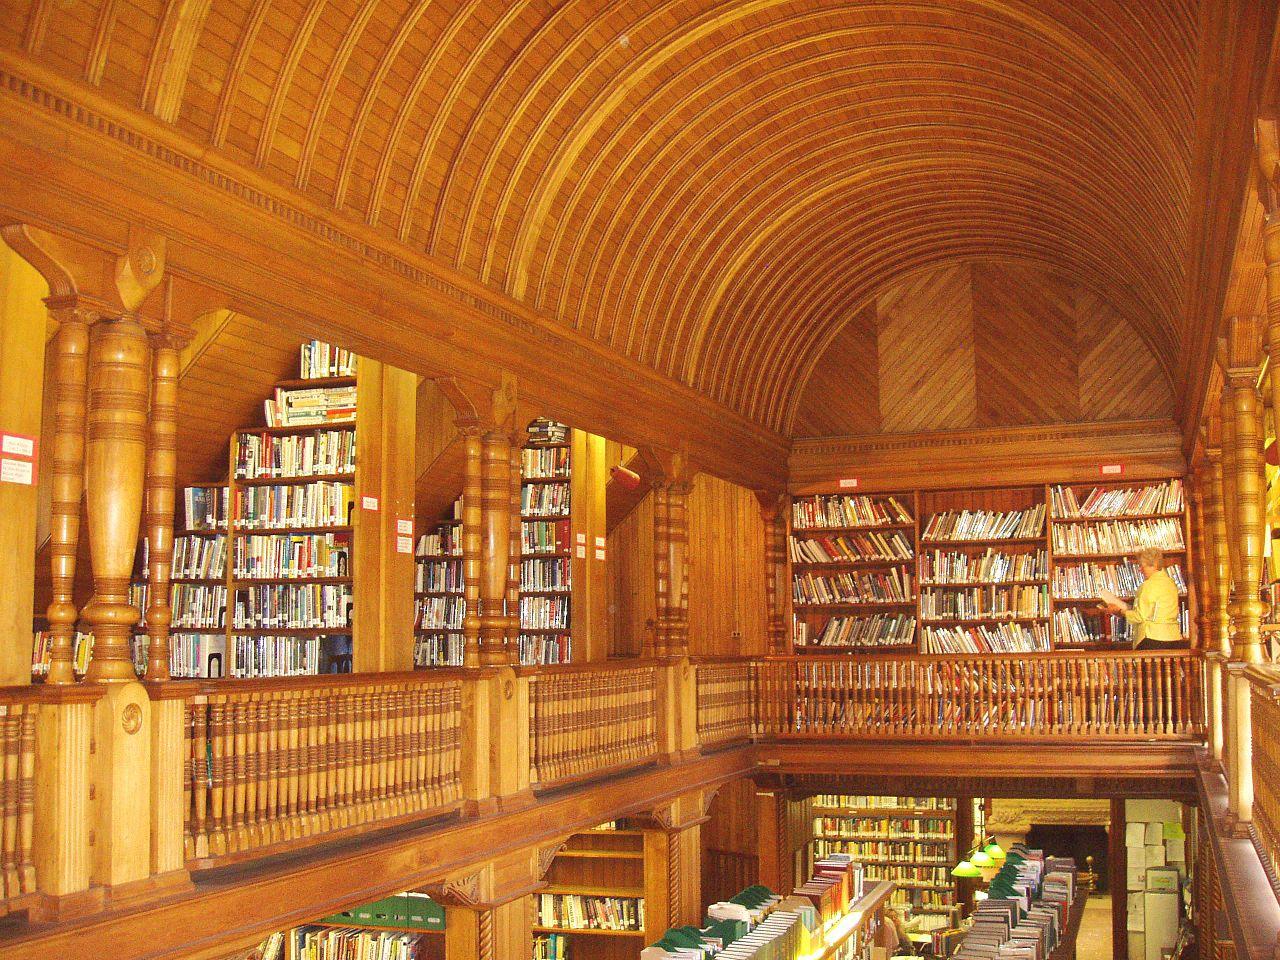 FileAmes Free Library North Easton MA Interior